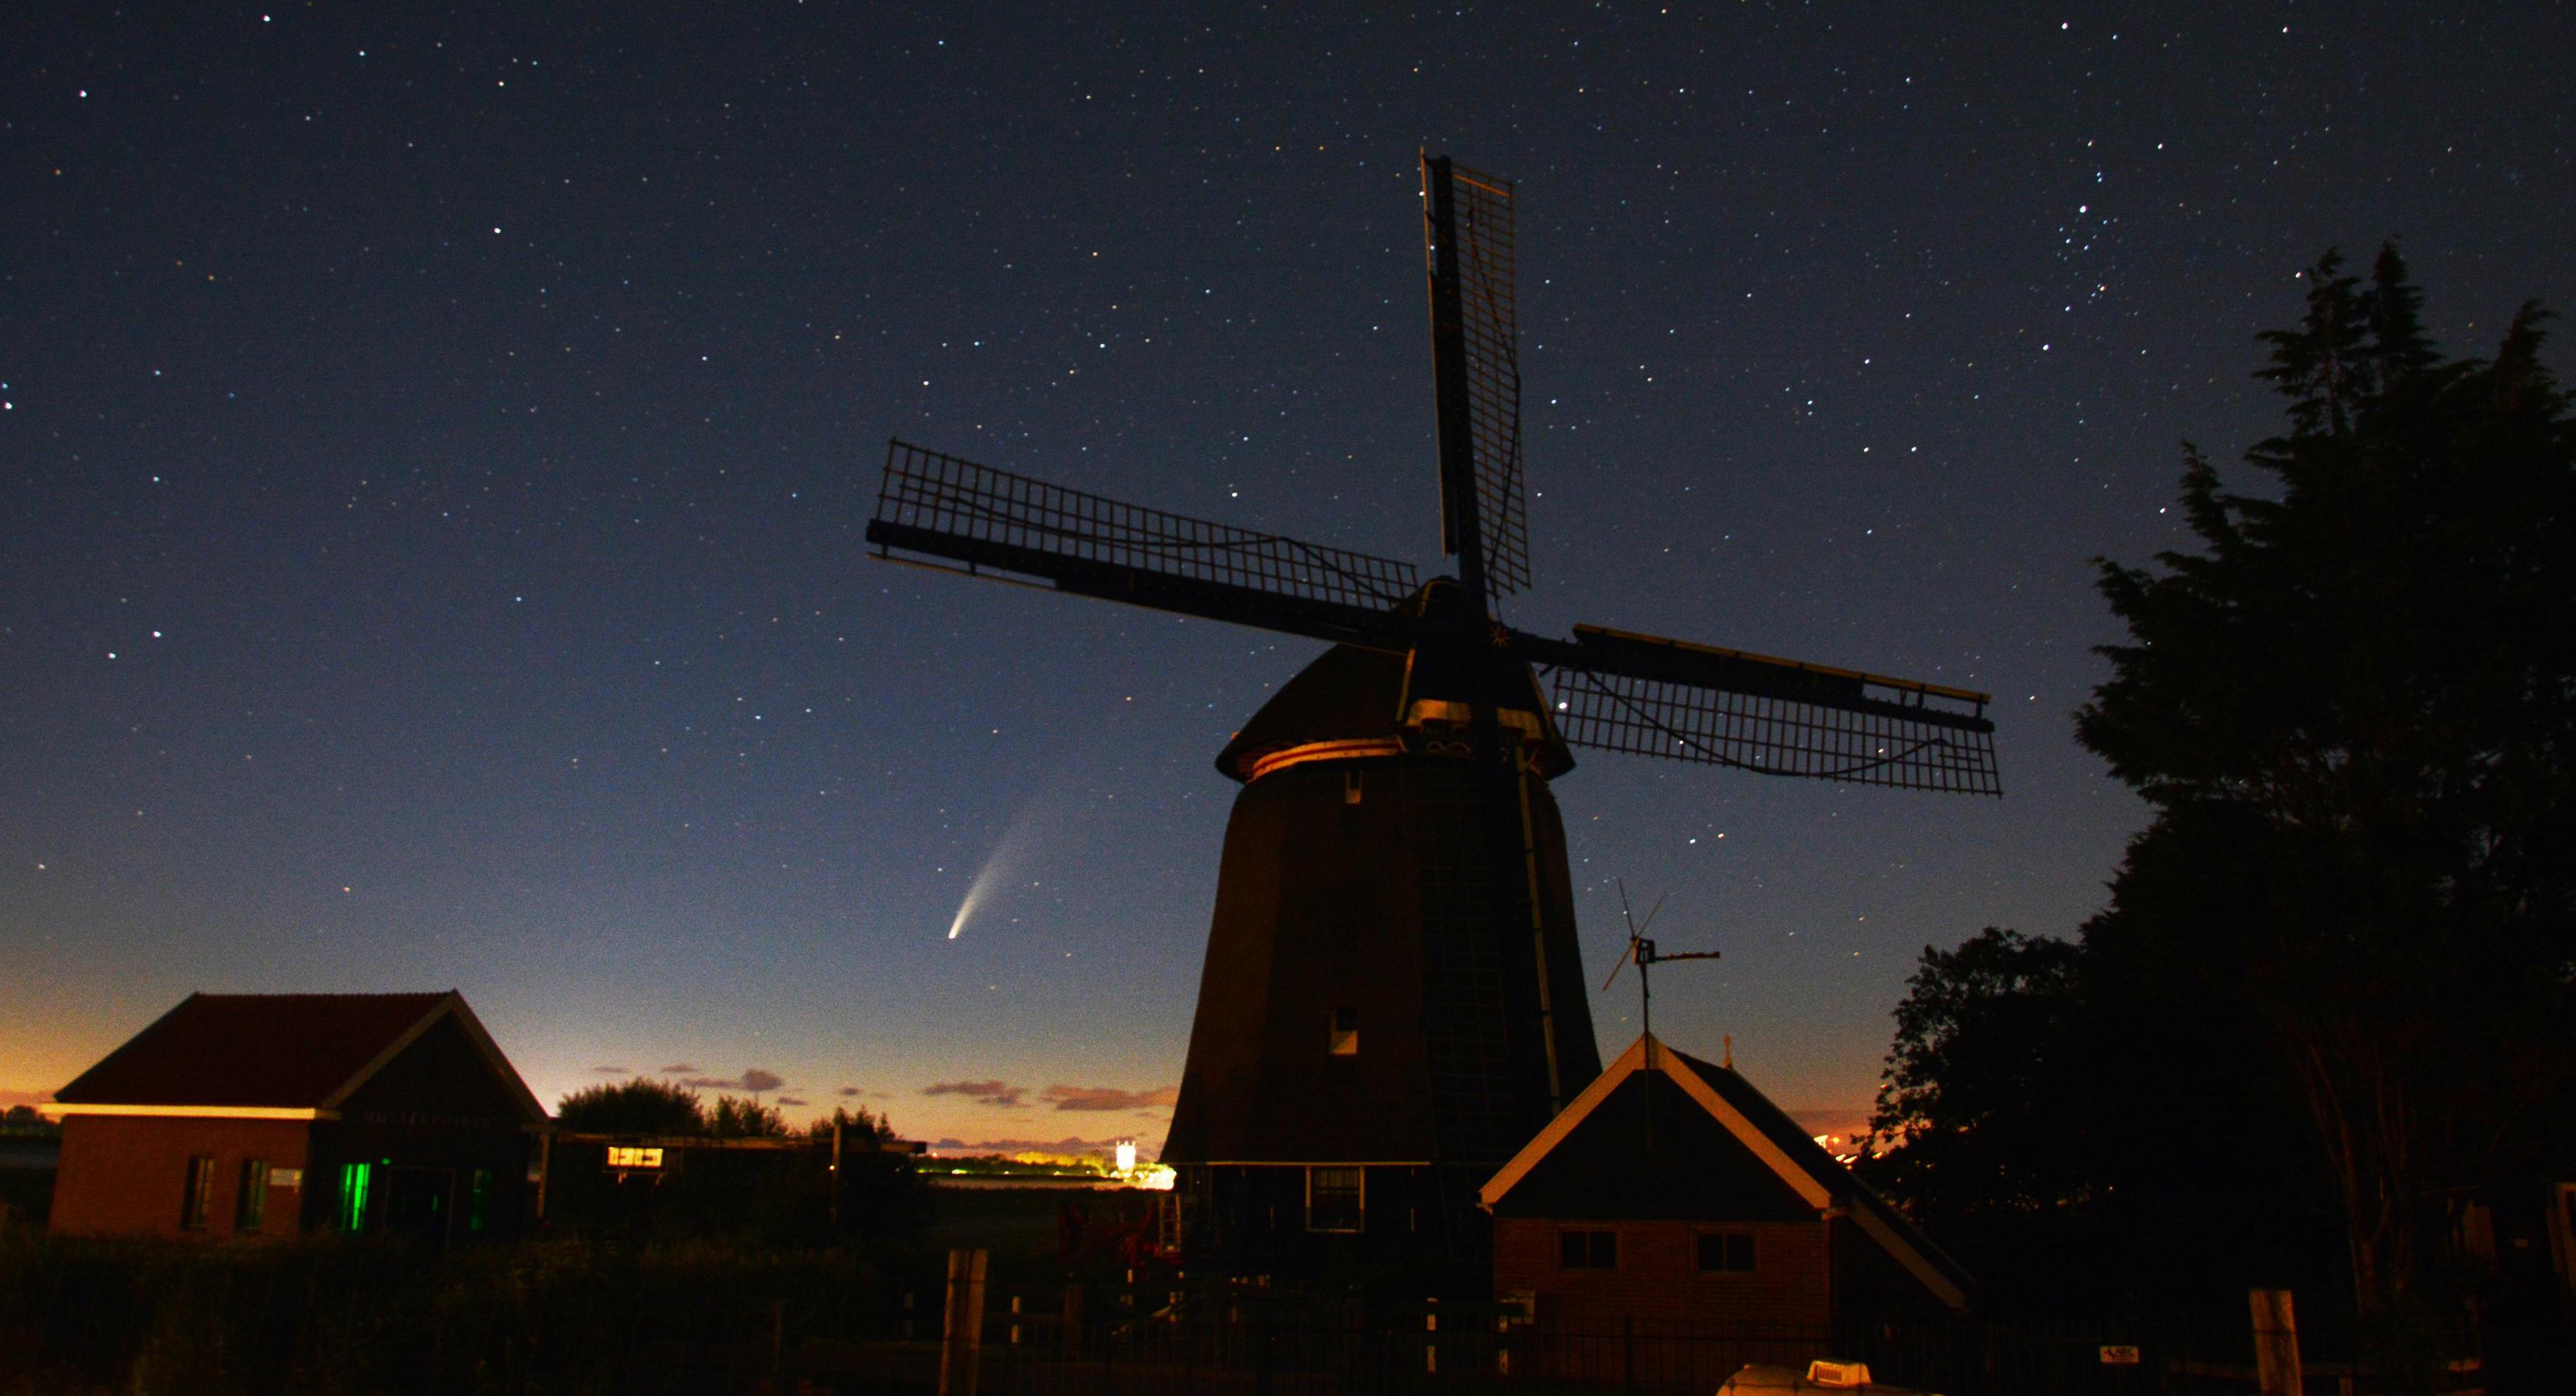 Amateurfotografen jagen op komeet Neowise; Een geluksmomentje voor Kees uit Den Oever en Astrid uit Nieuwe Niedorp